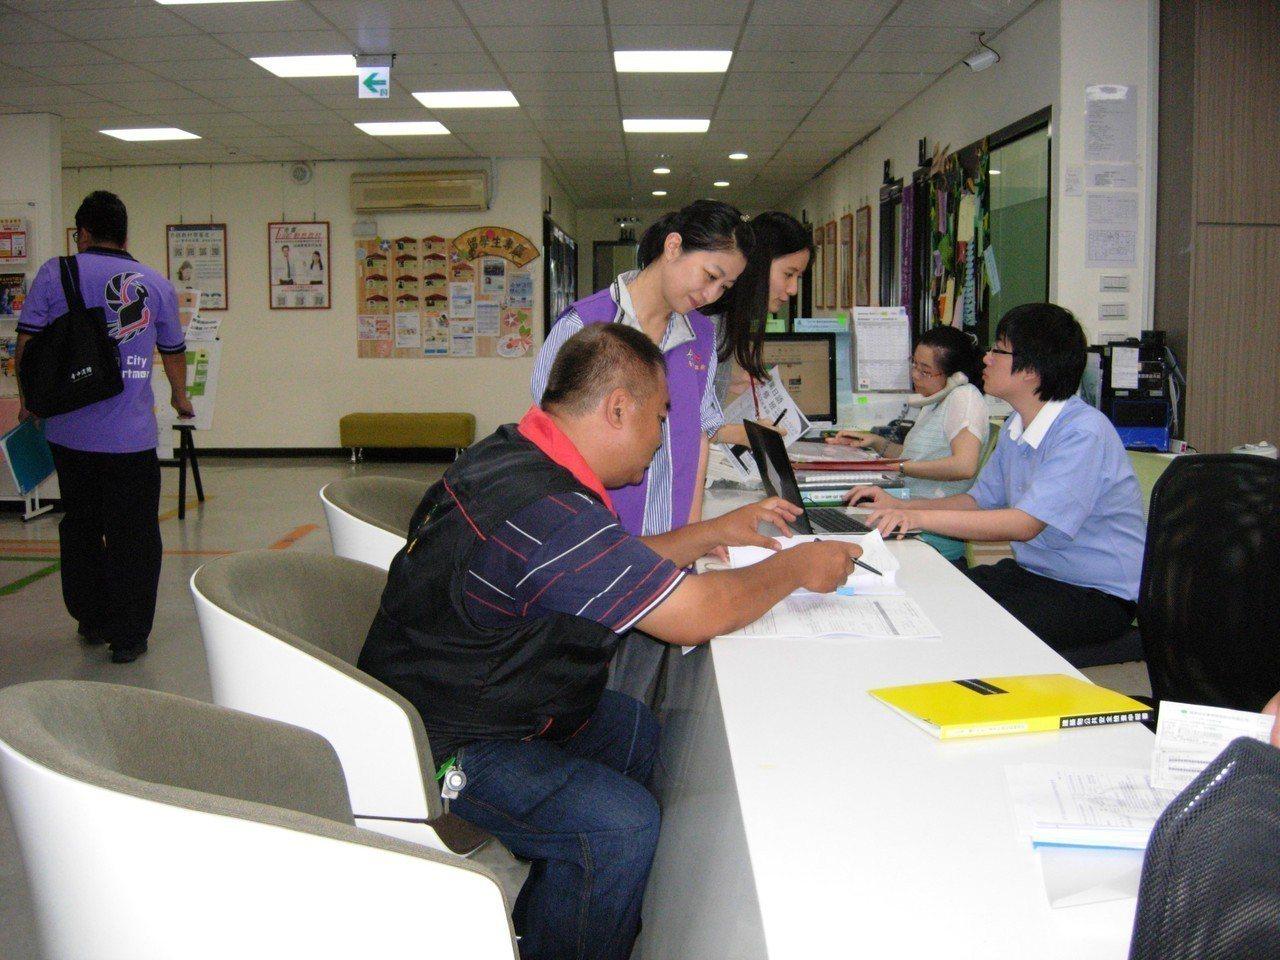 台中市政府訂定「台中市短期補習班管理自治條例」草案。圖/台中市教育局提供